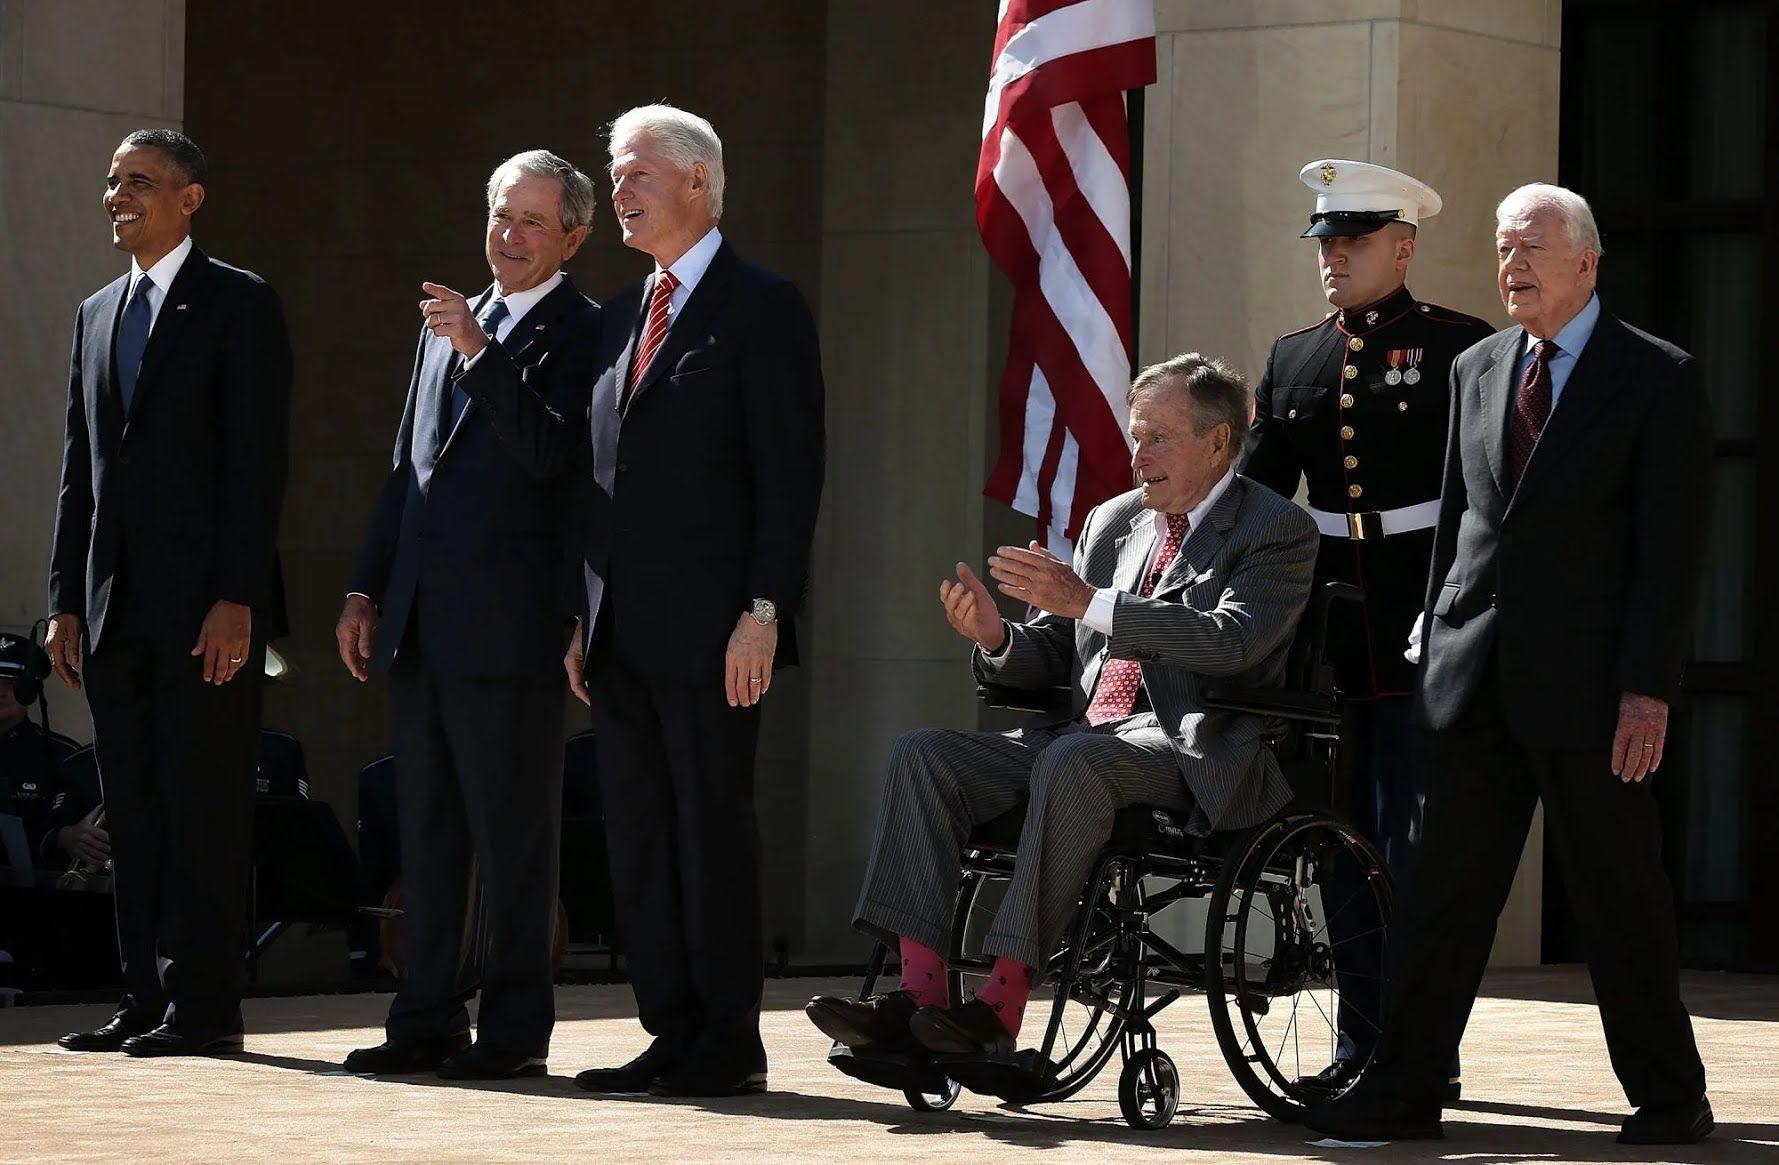 Барак Обама, Джордж Буш-младший, Билл Клинтон, Джордж Бу-старший и Джимми Картер